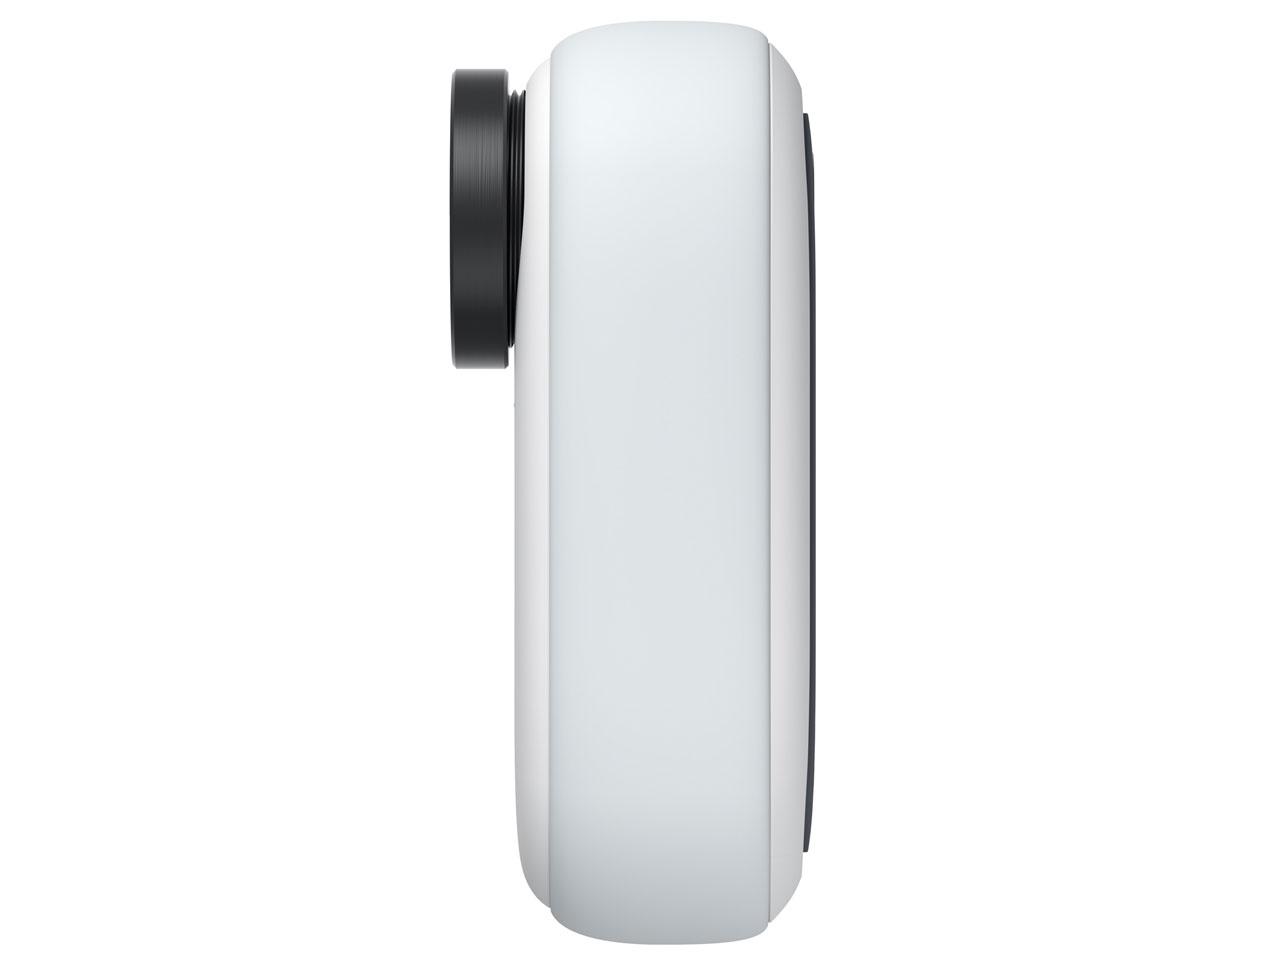 『本体 右側面』 Insta360 GO 2 の製品画像